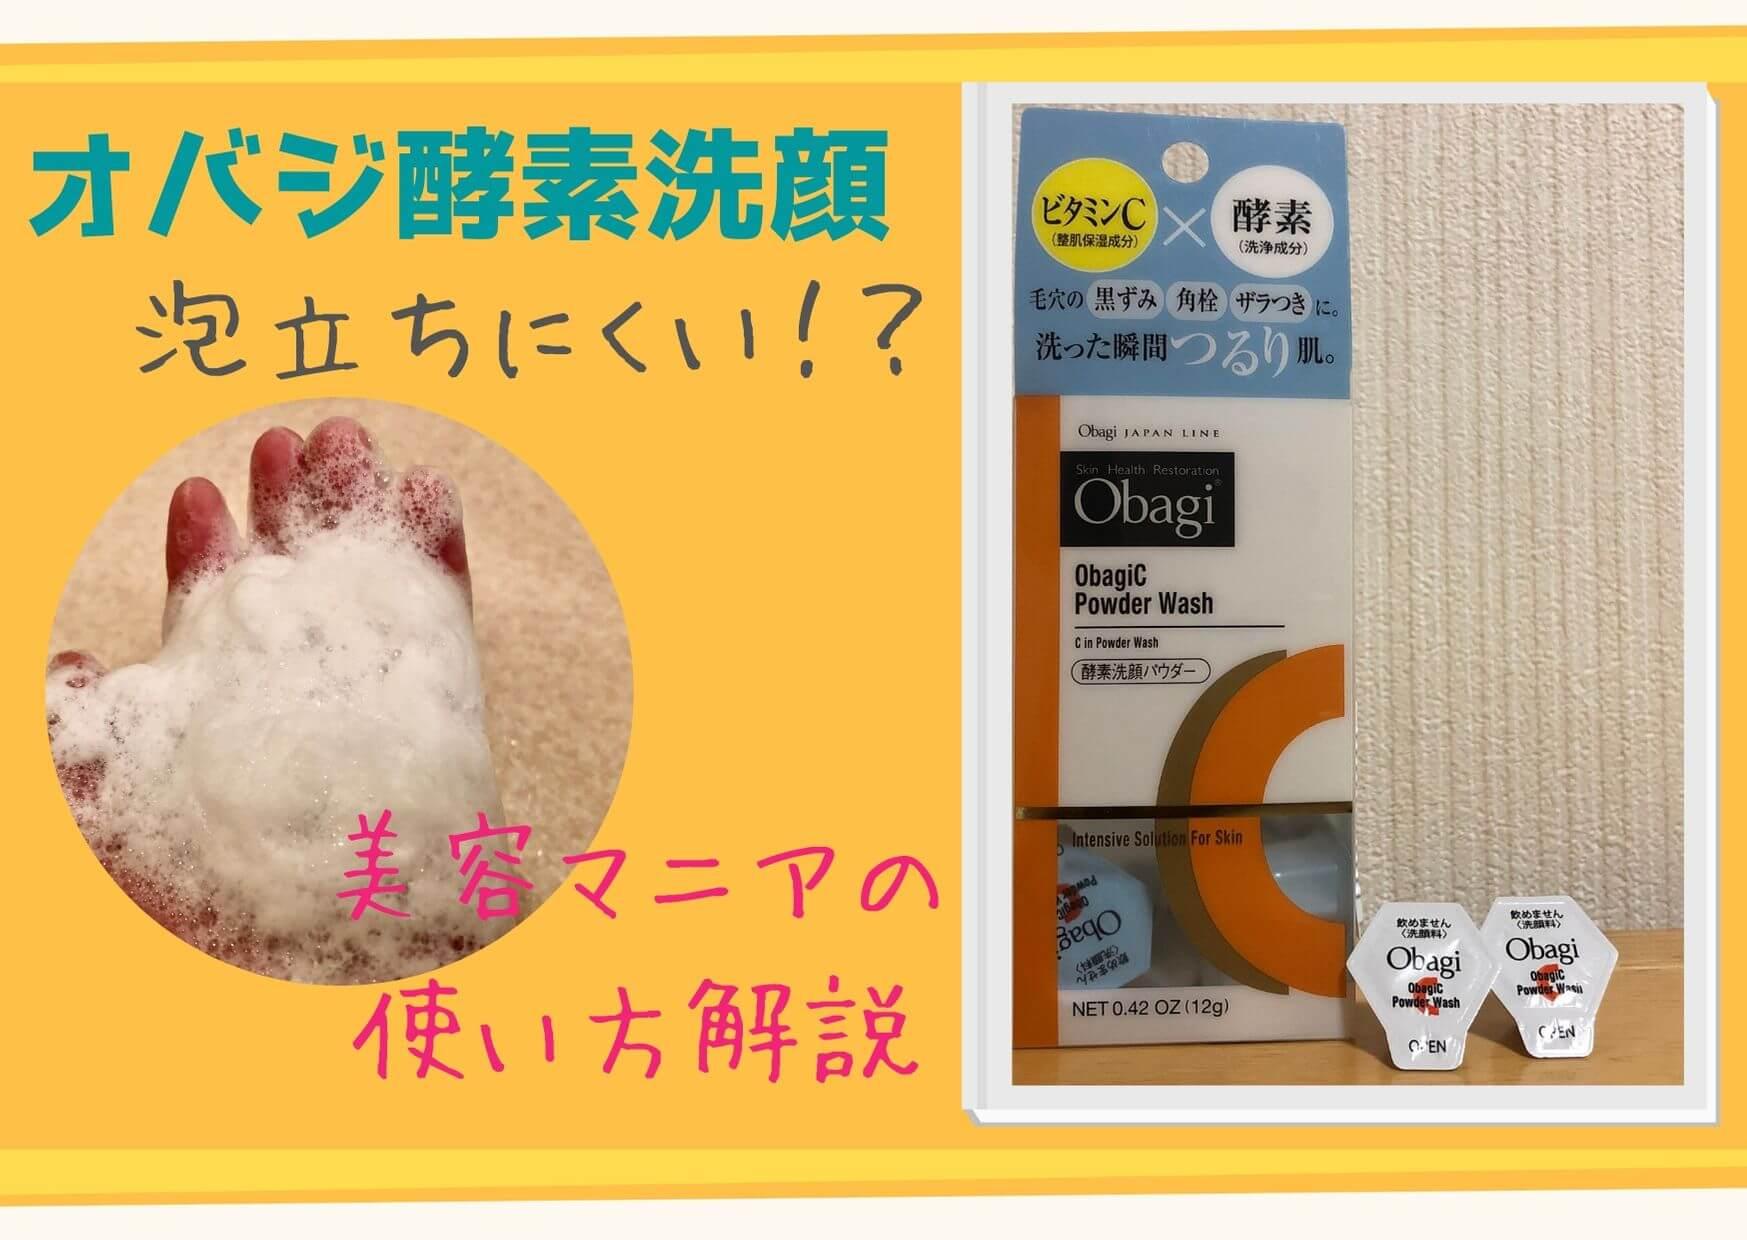 酵素 パウダー 洗顔 c オバジ